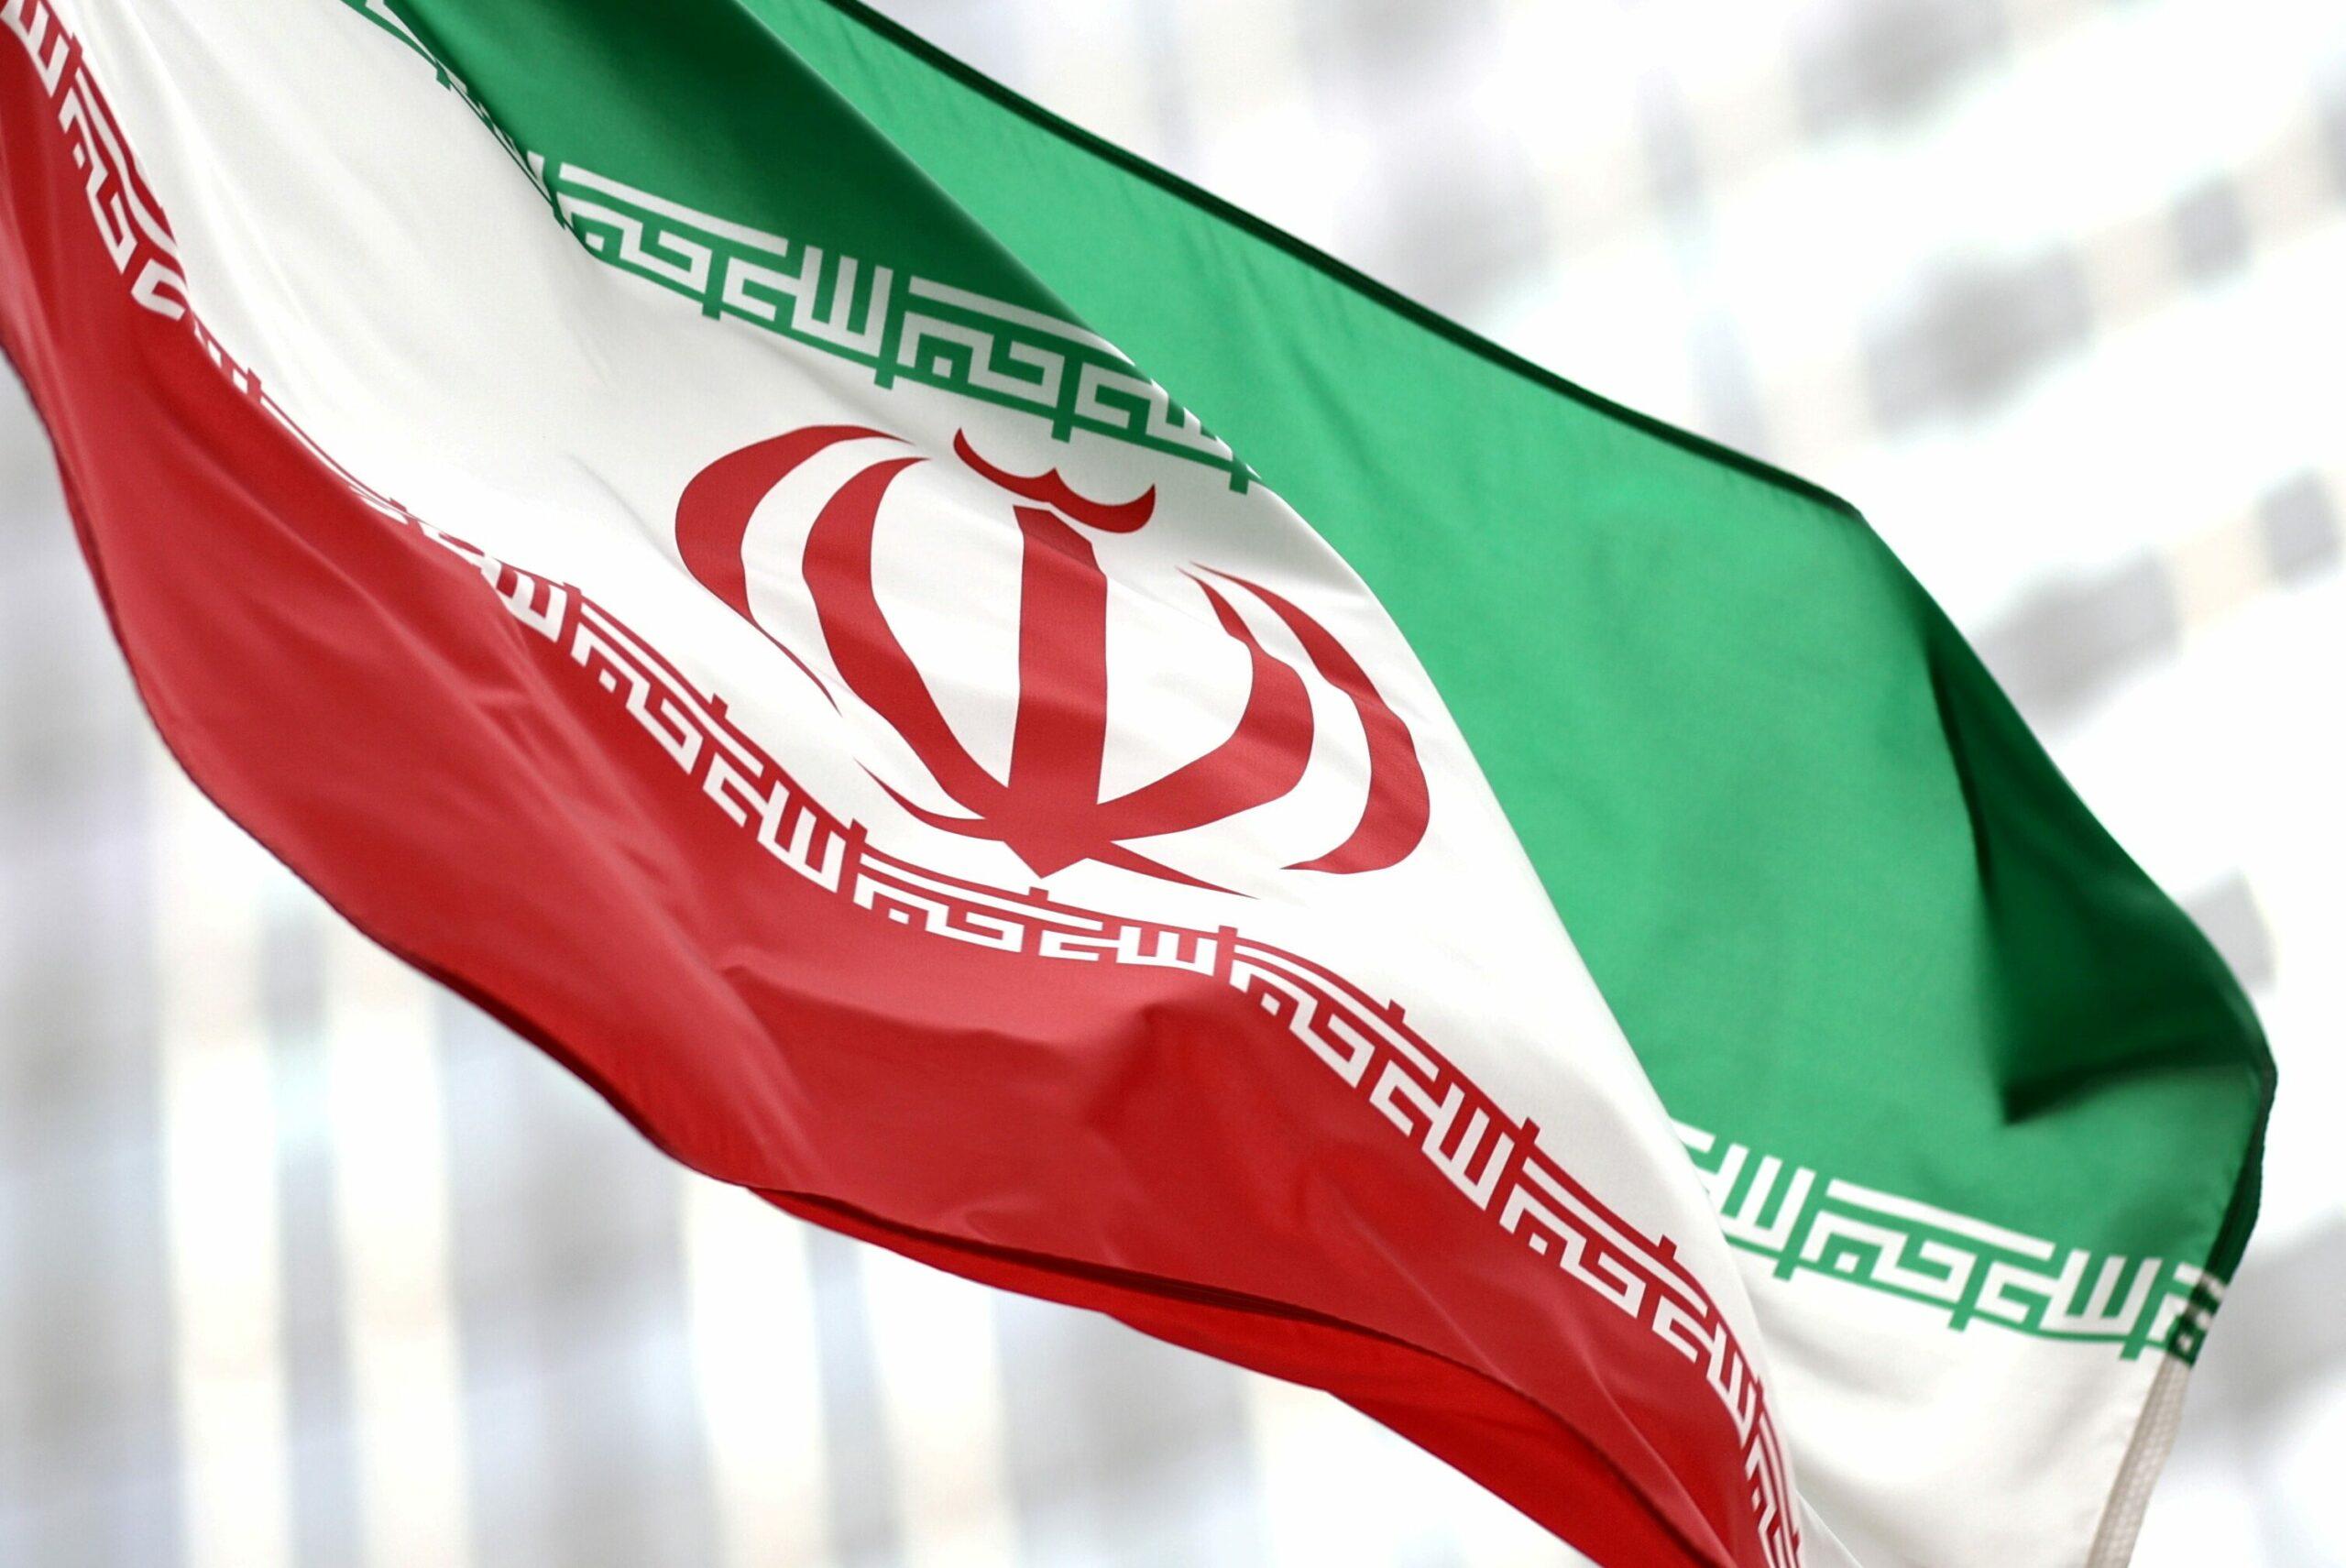 อิหร่านเพิ่มความบริสุทธ์ของแร่ยูเรเนียมให้ใกล้มาตรฐานผลิตอาวุธ